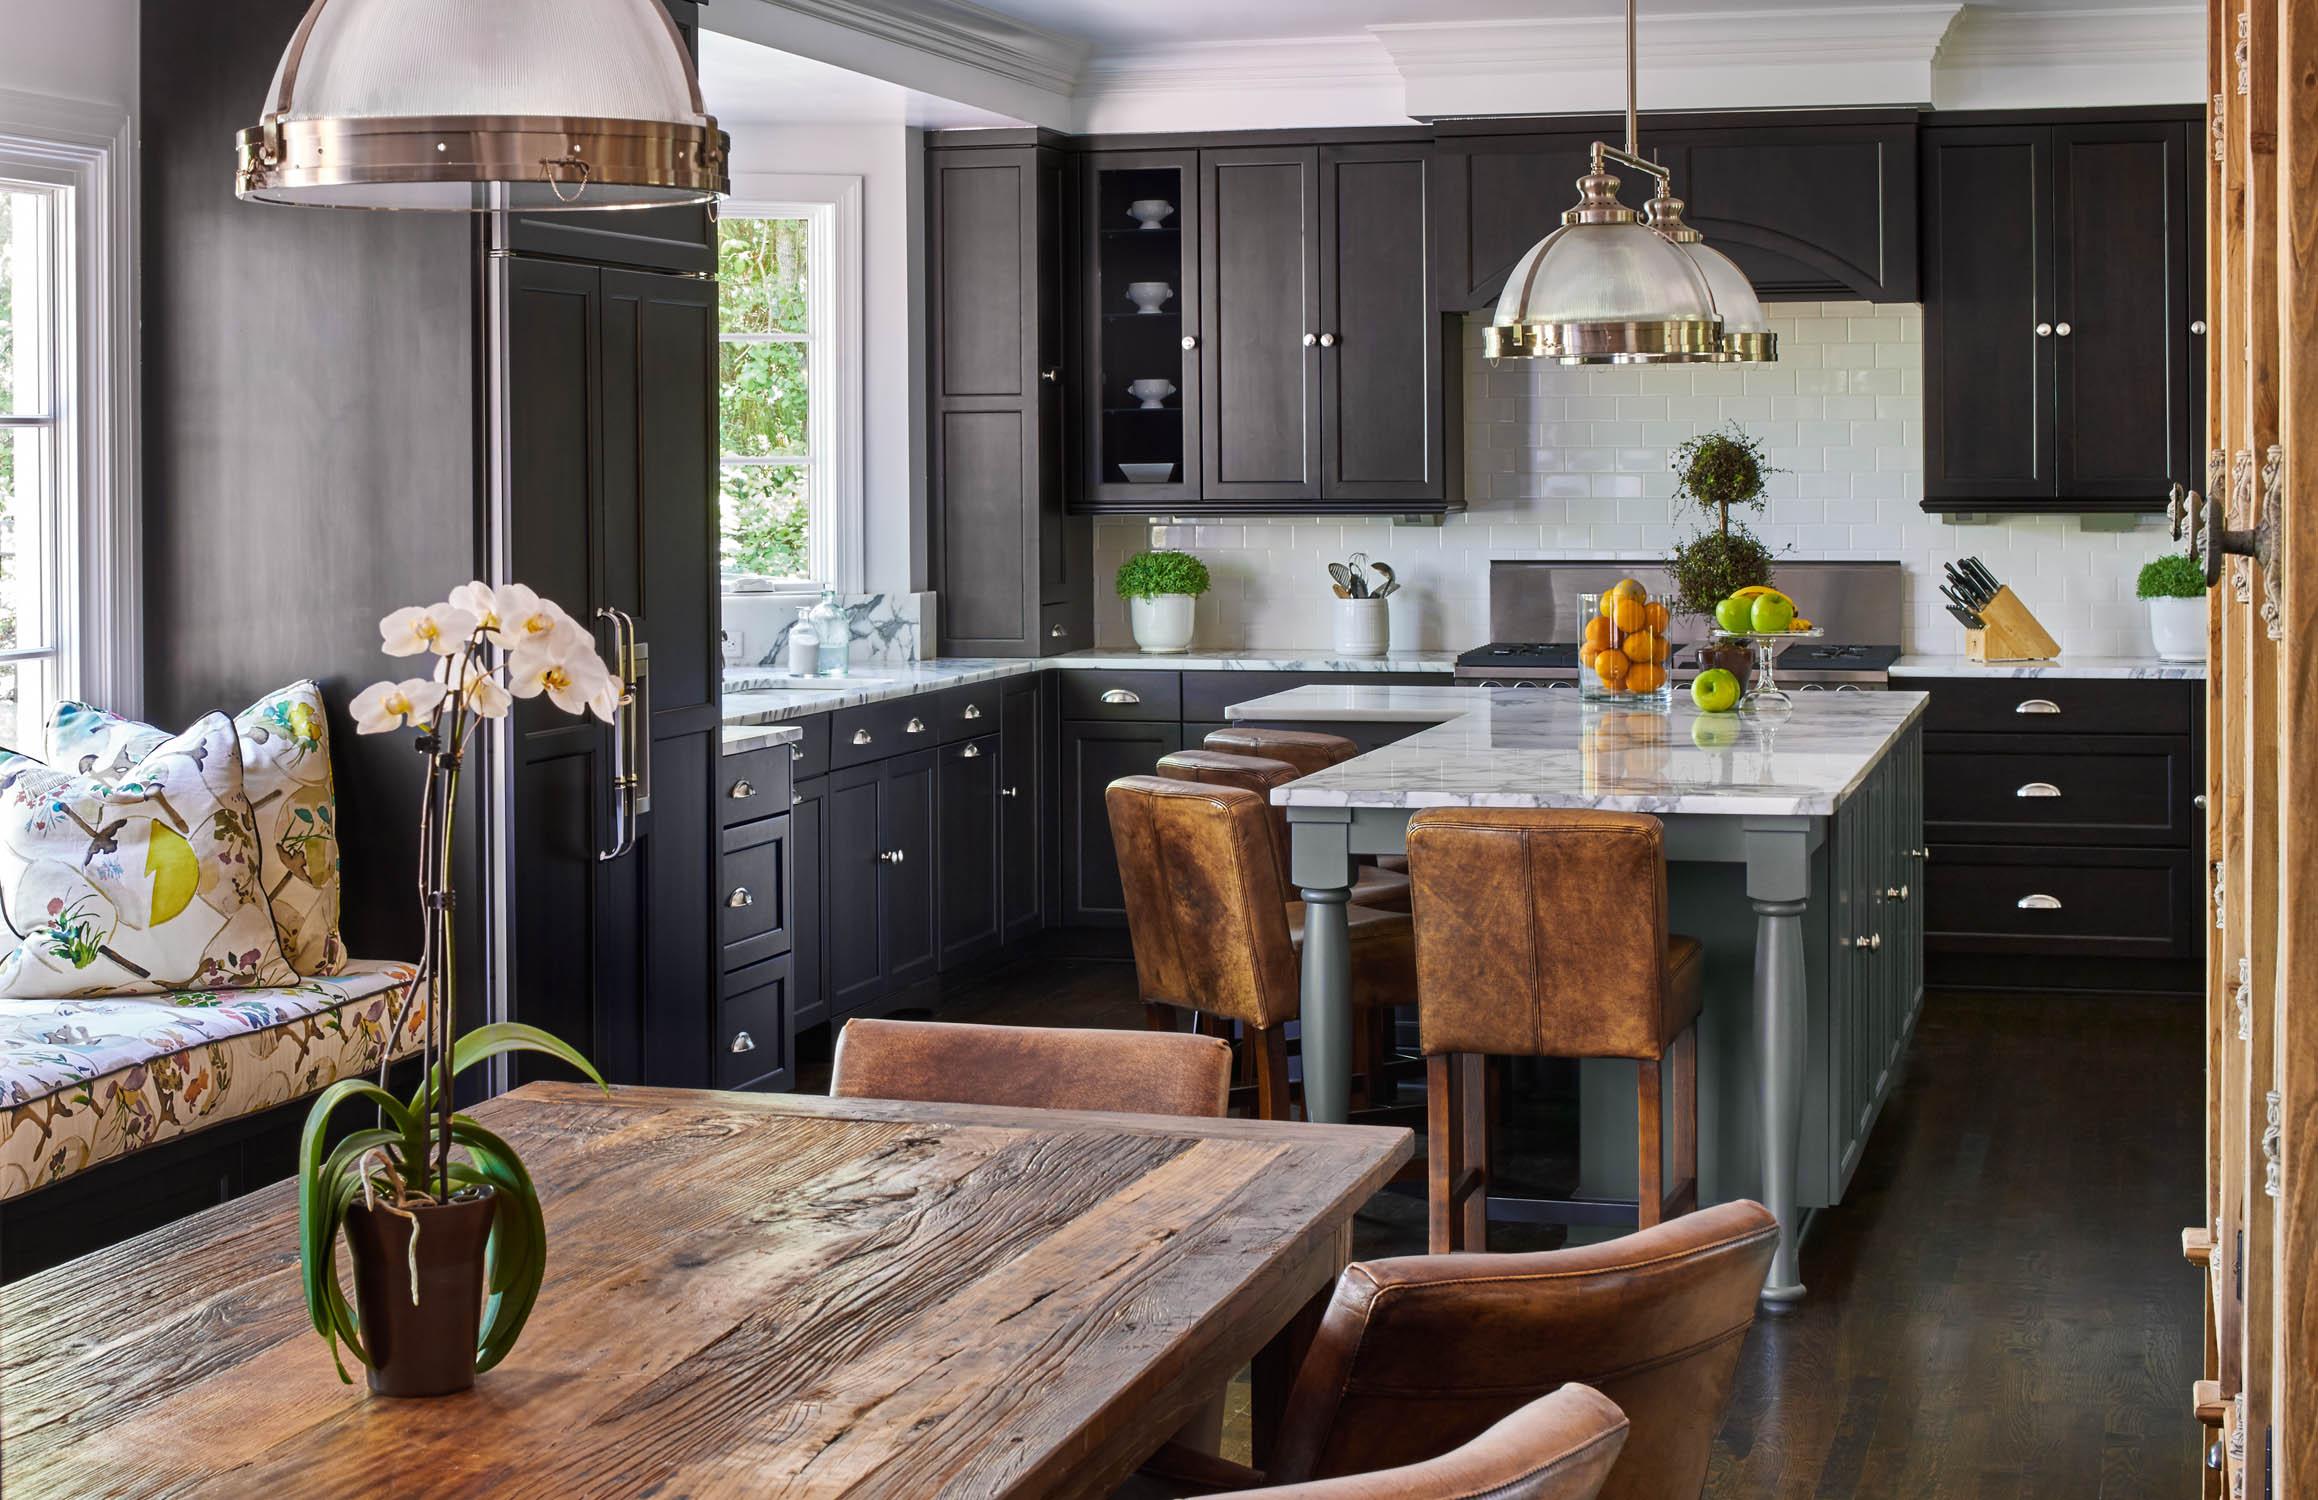 Greensboro Custom Kitchen Designers, The Kitchen Studio